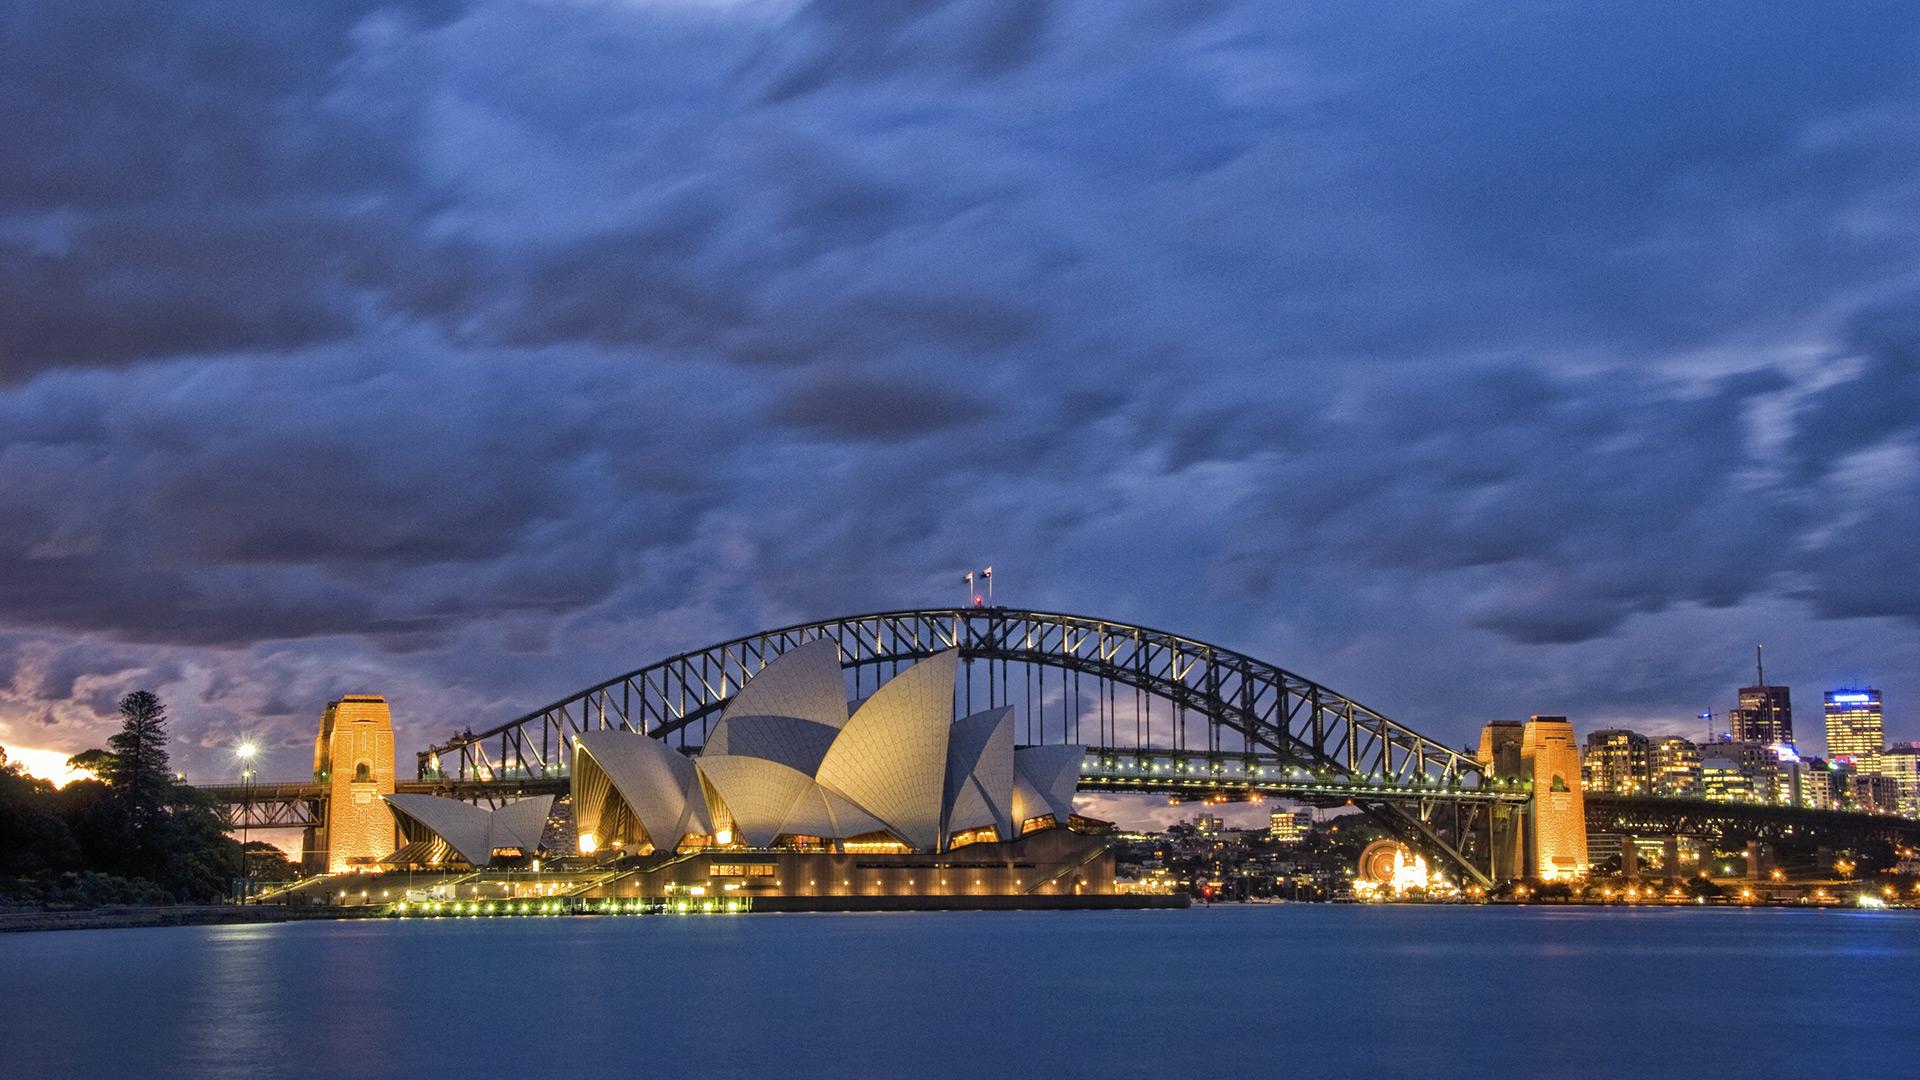 Australia | Sheknows.com